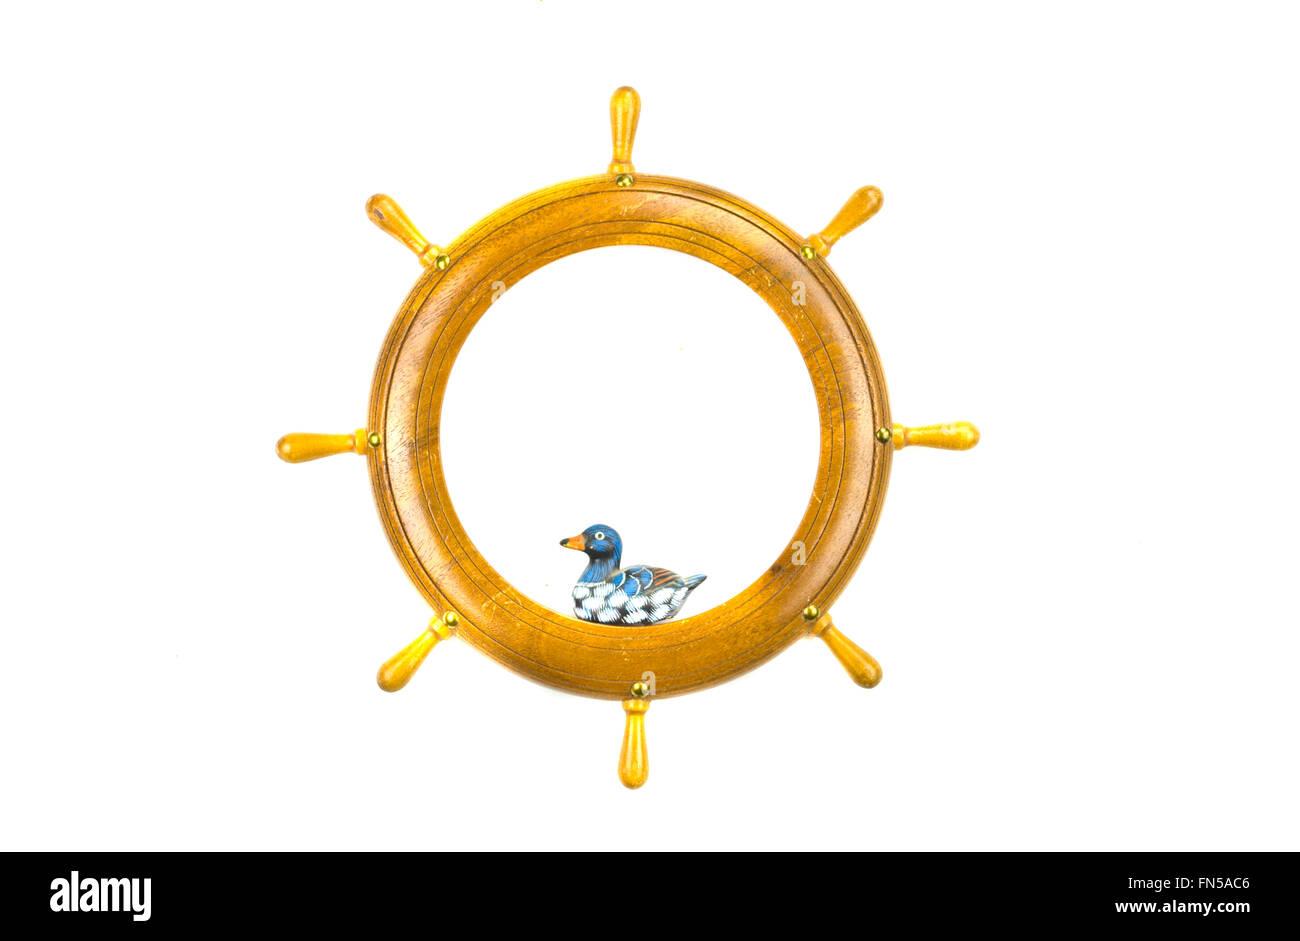 Isoliert auf weißes Schiff Lenkräder Kunst Rahmen mit Holzente ...